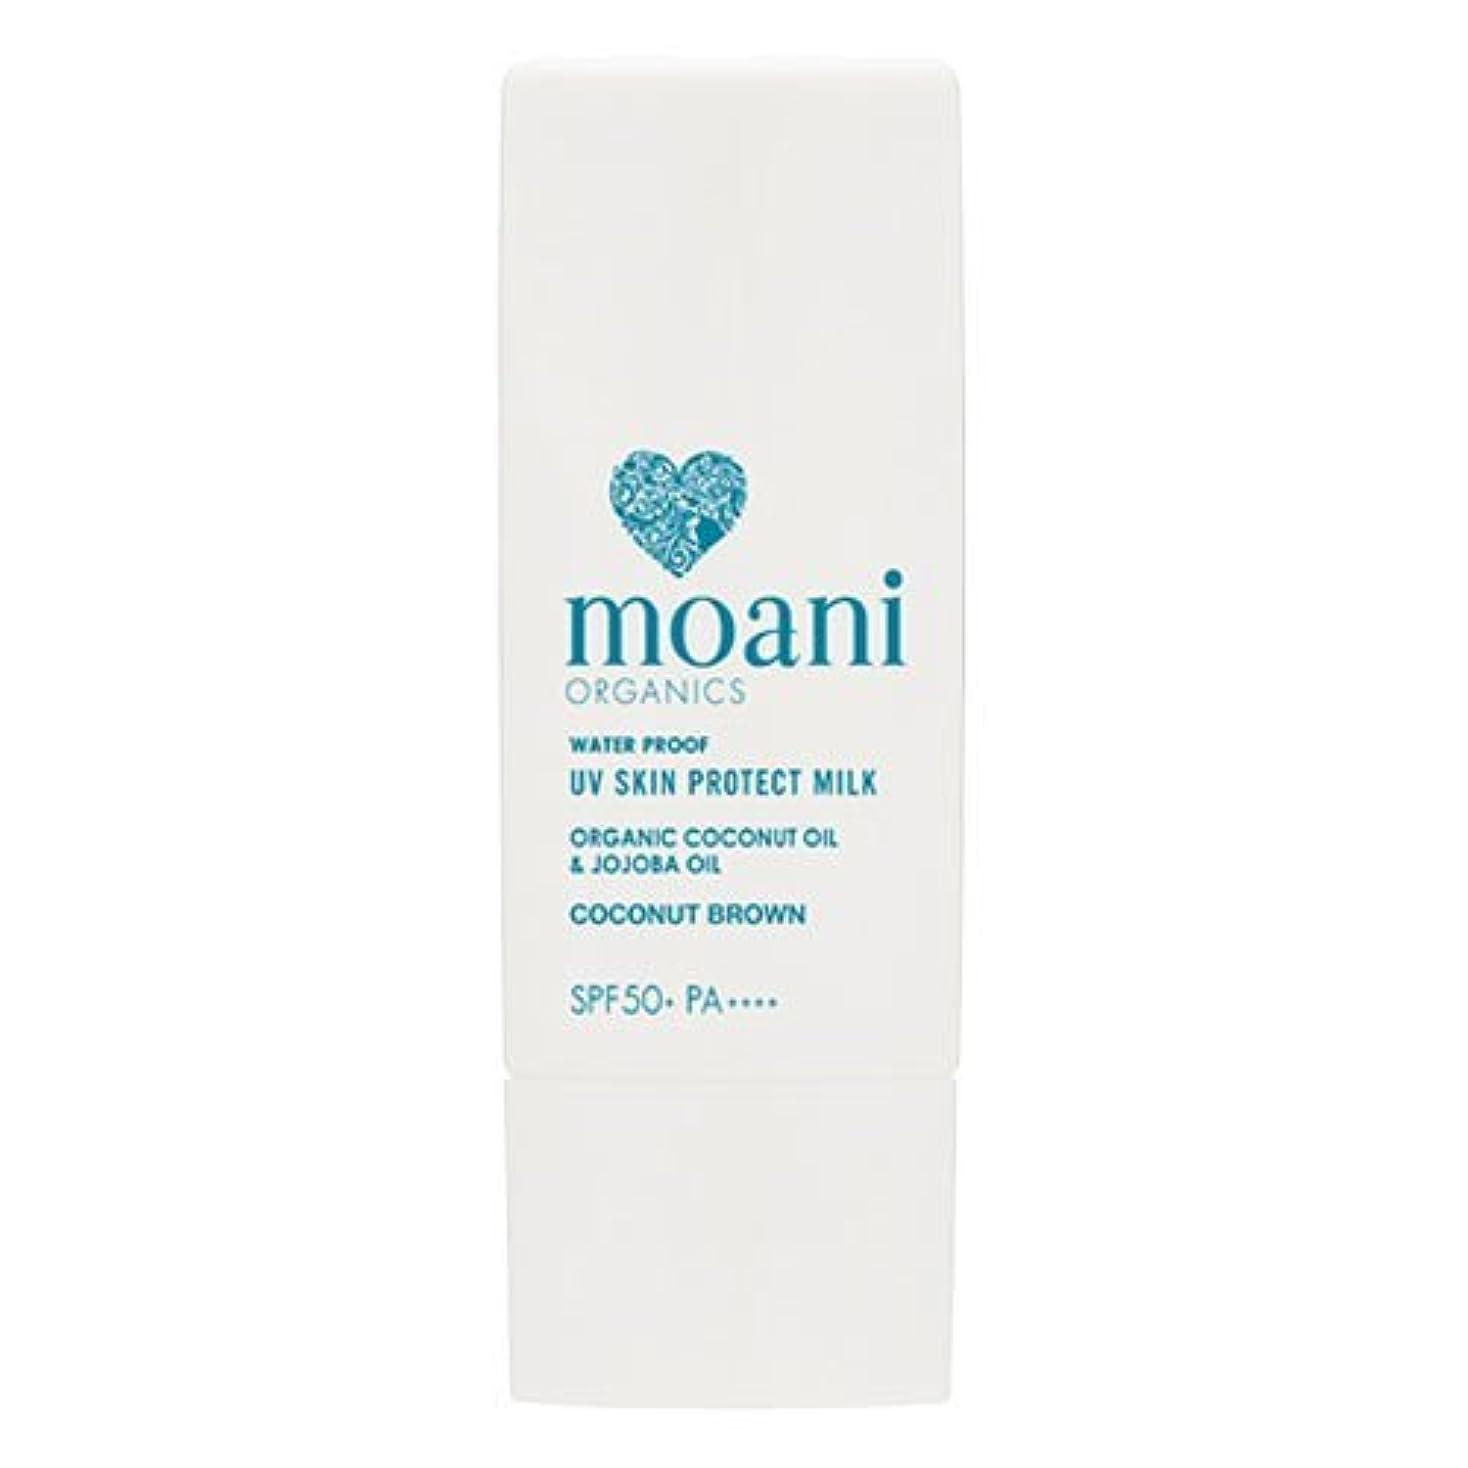 渇き芽シェードmoani organics UV SKIN PROTECT MILK coconut brown(顔用日焼け止め)